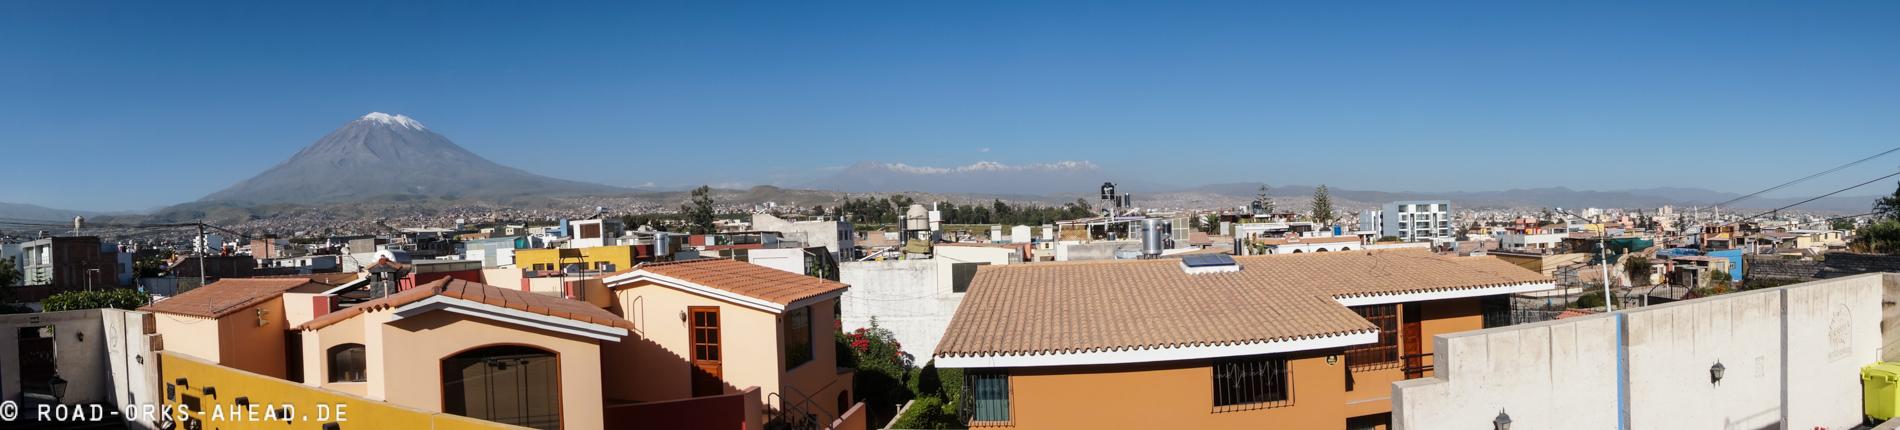 Arequipa Panorama